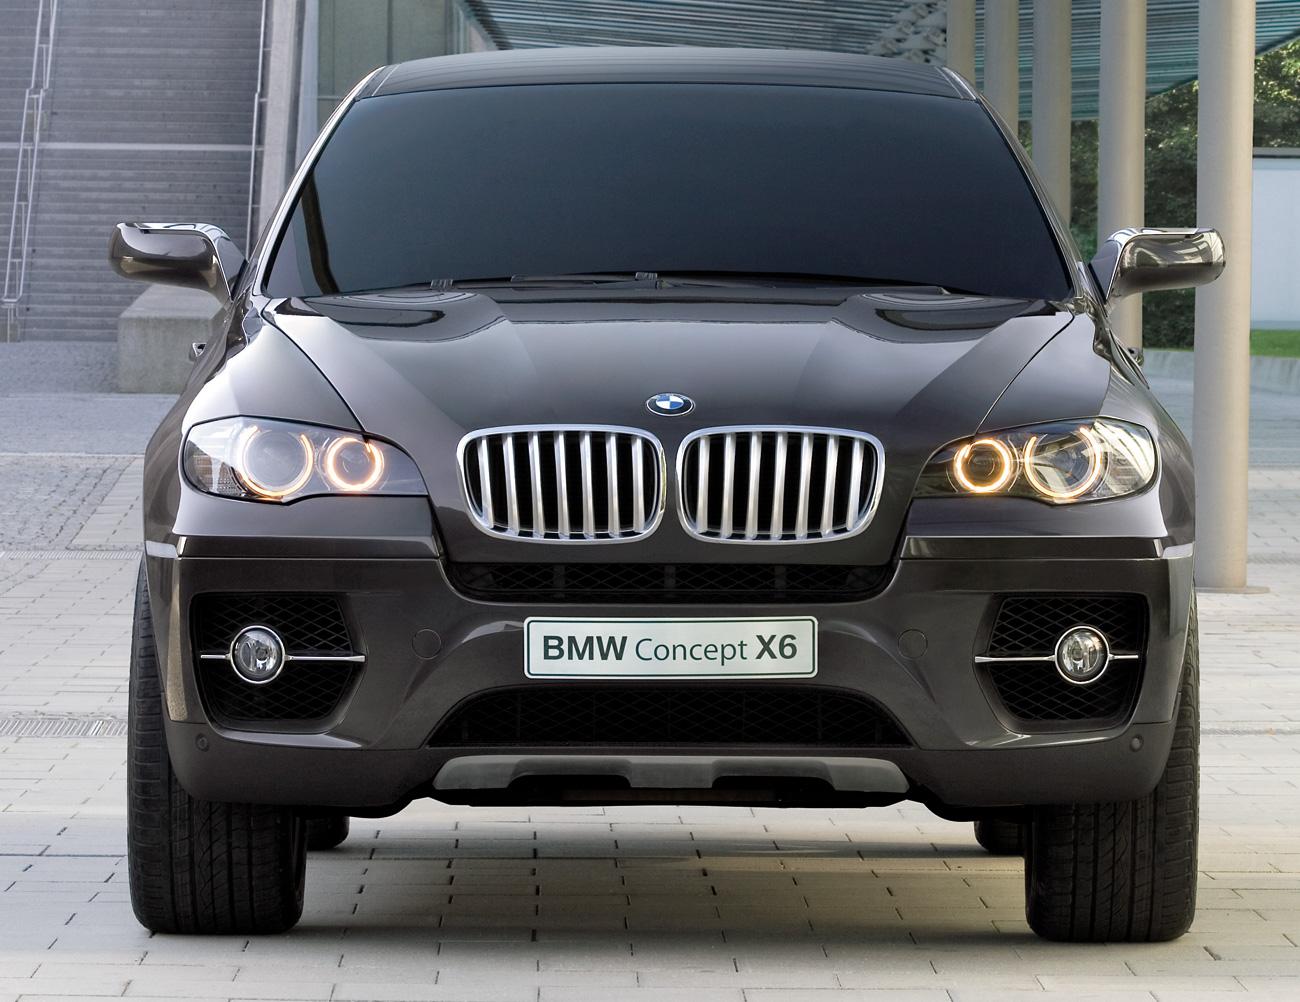 بي ام دبليو اكس 6 2013  بي ام دبليو اكس 6 2013  BMW X6 مواصفات و مميزات و اسعار  6 bmw concept x6